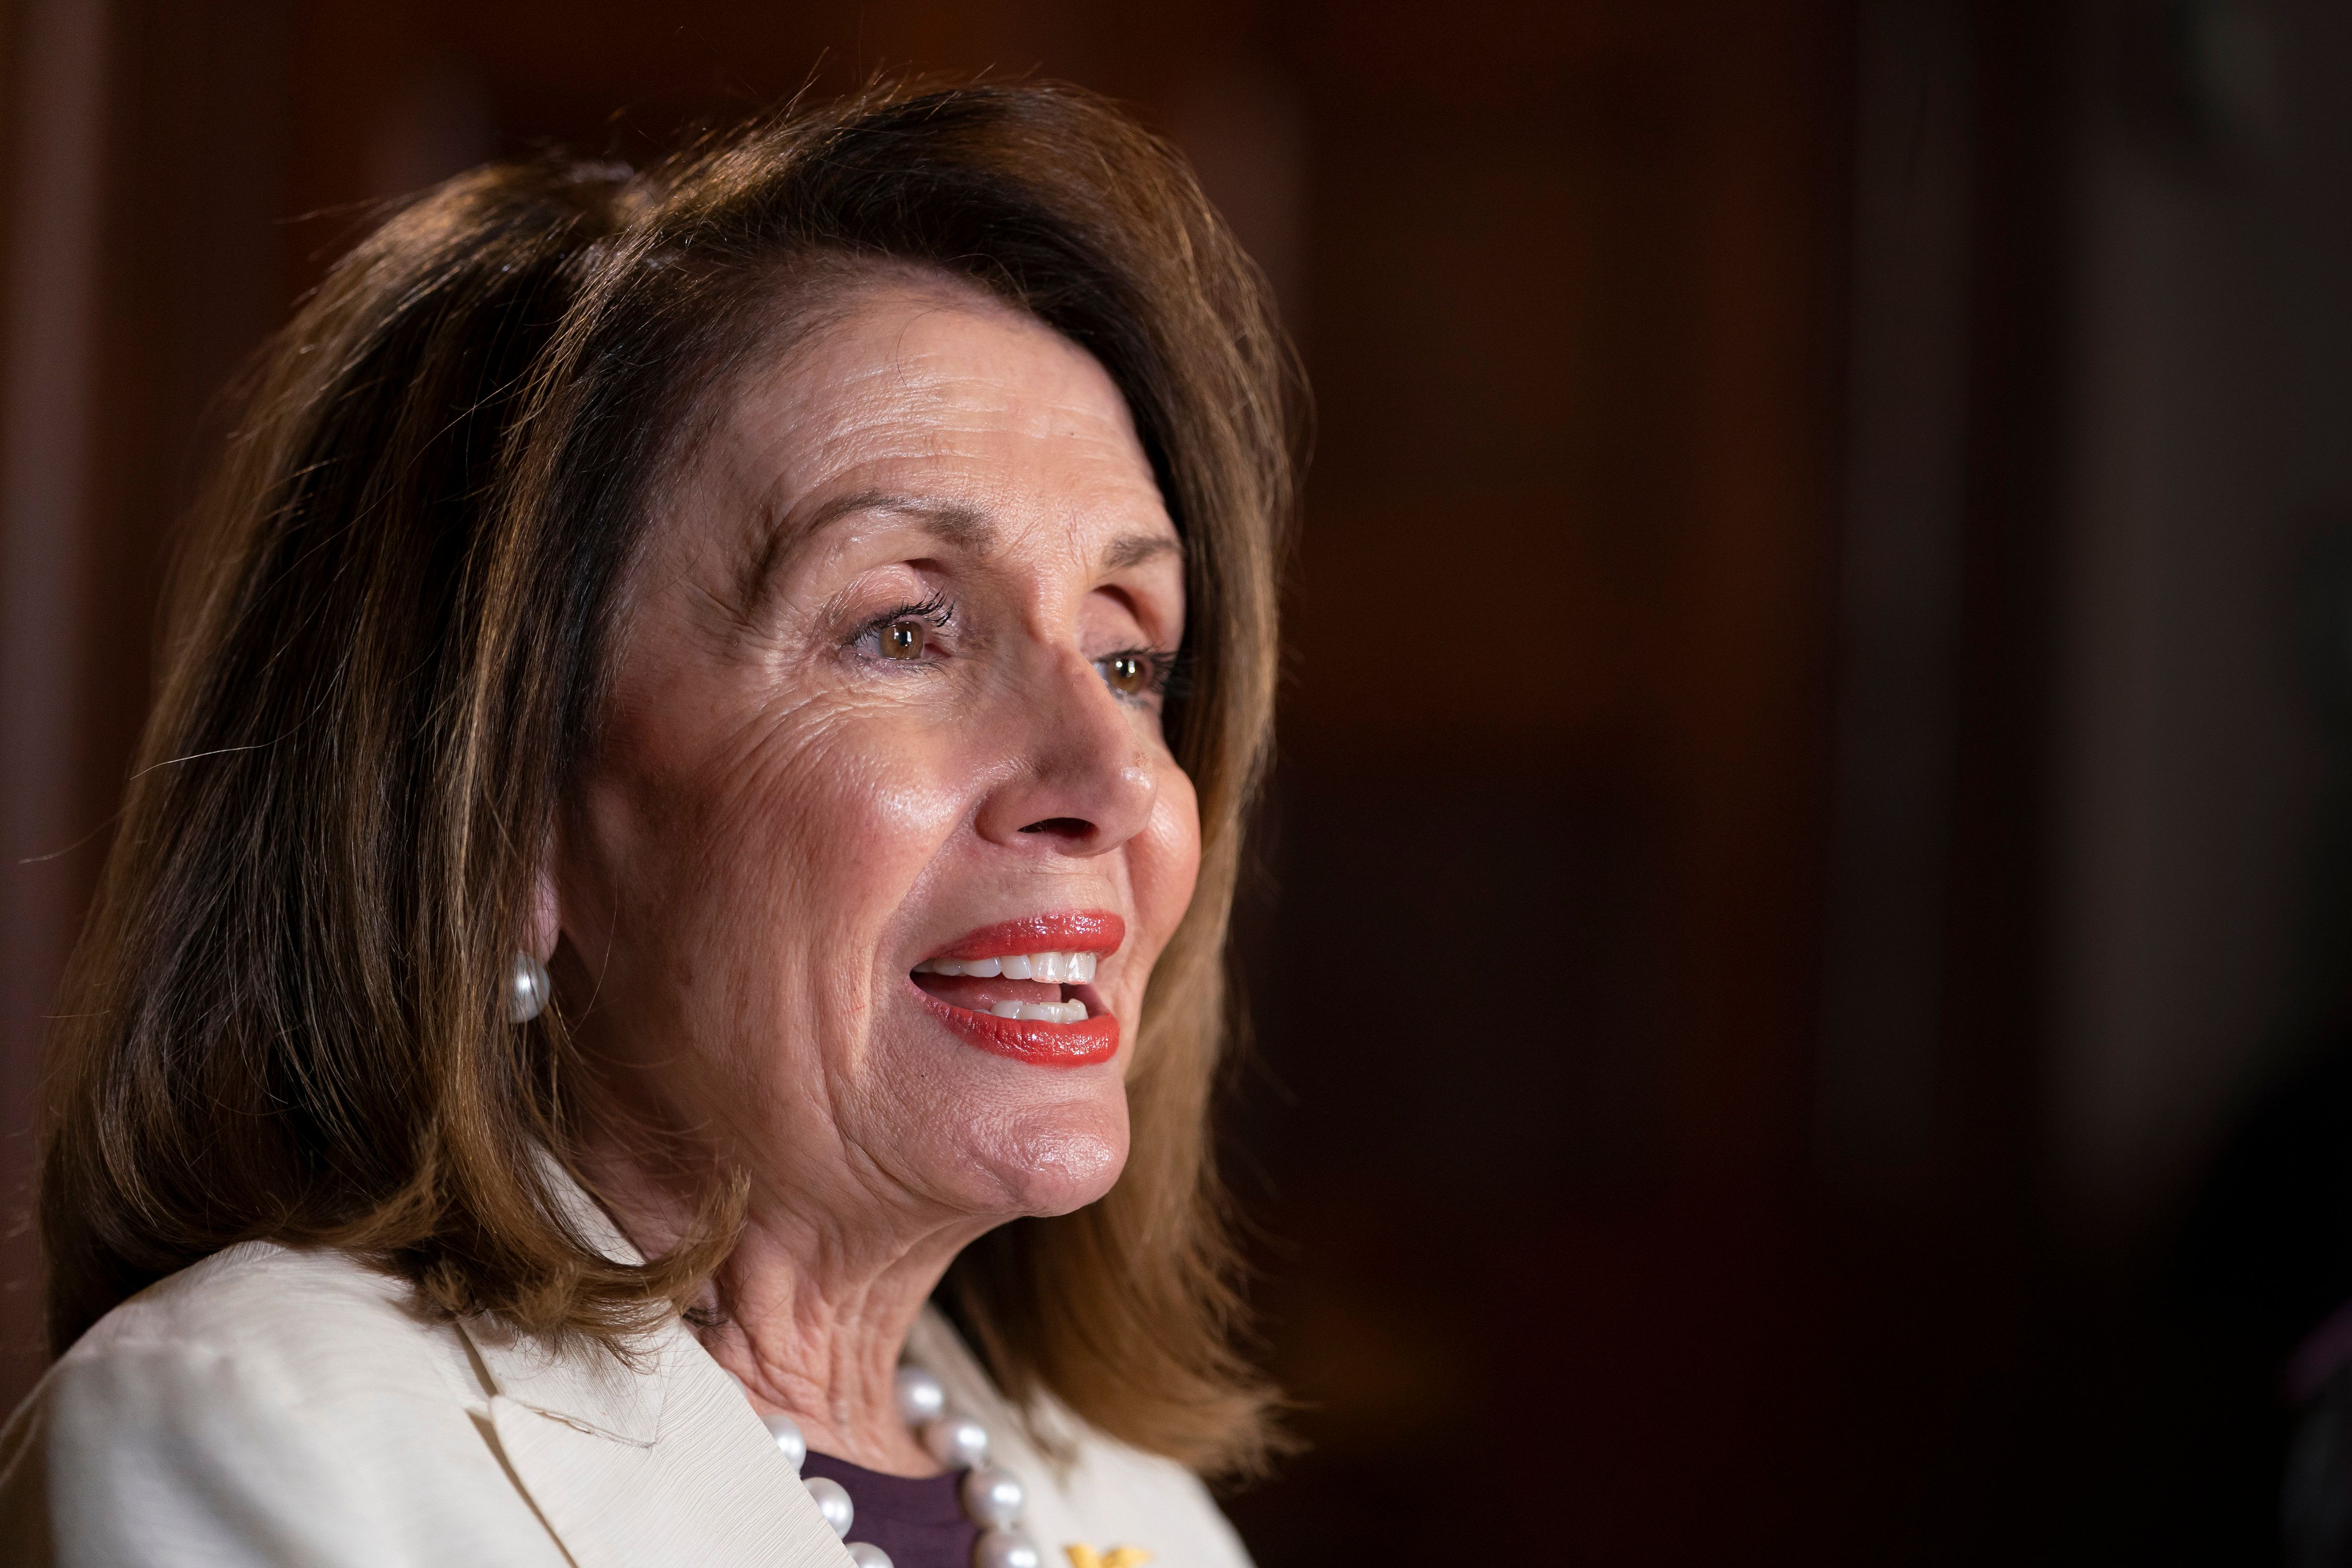 La presidenta de la Cámara de Representantes, la demócrata Nancy Pelosi, hace declaraciones en su oficina durante una entrevista con The Associated Press en el Capitolio, en Washington, el miércoles 10 de abril de 2019. (AP Foto/J. Scott Applewhite)